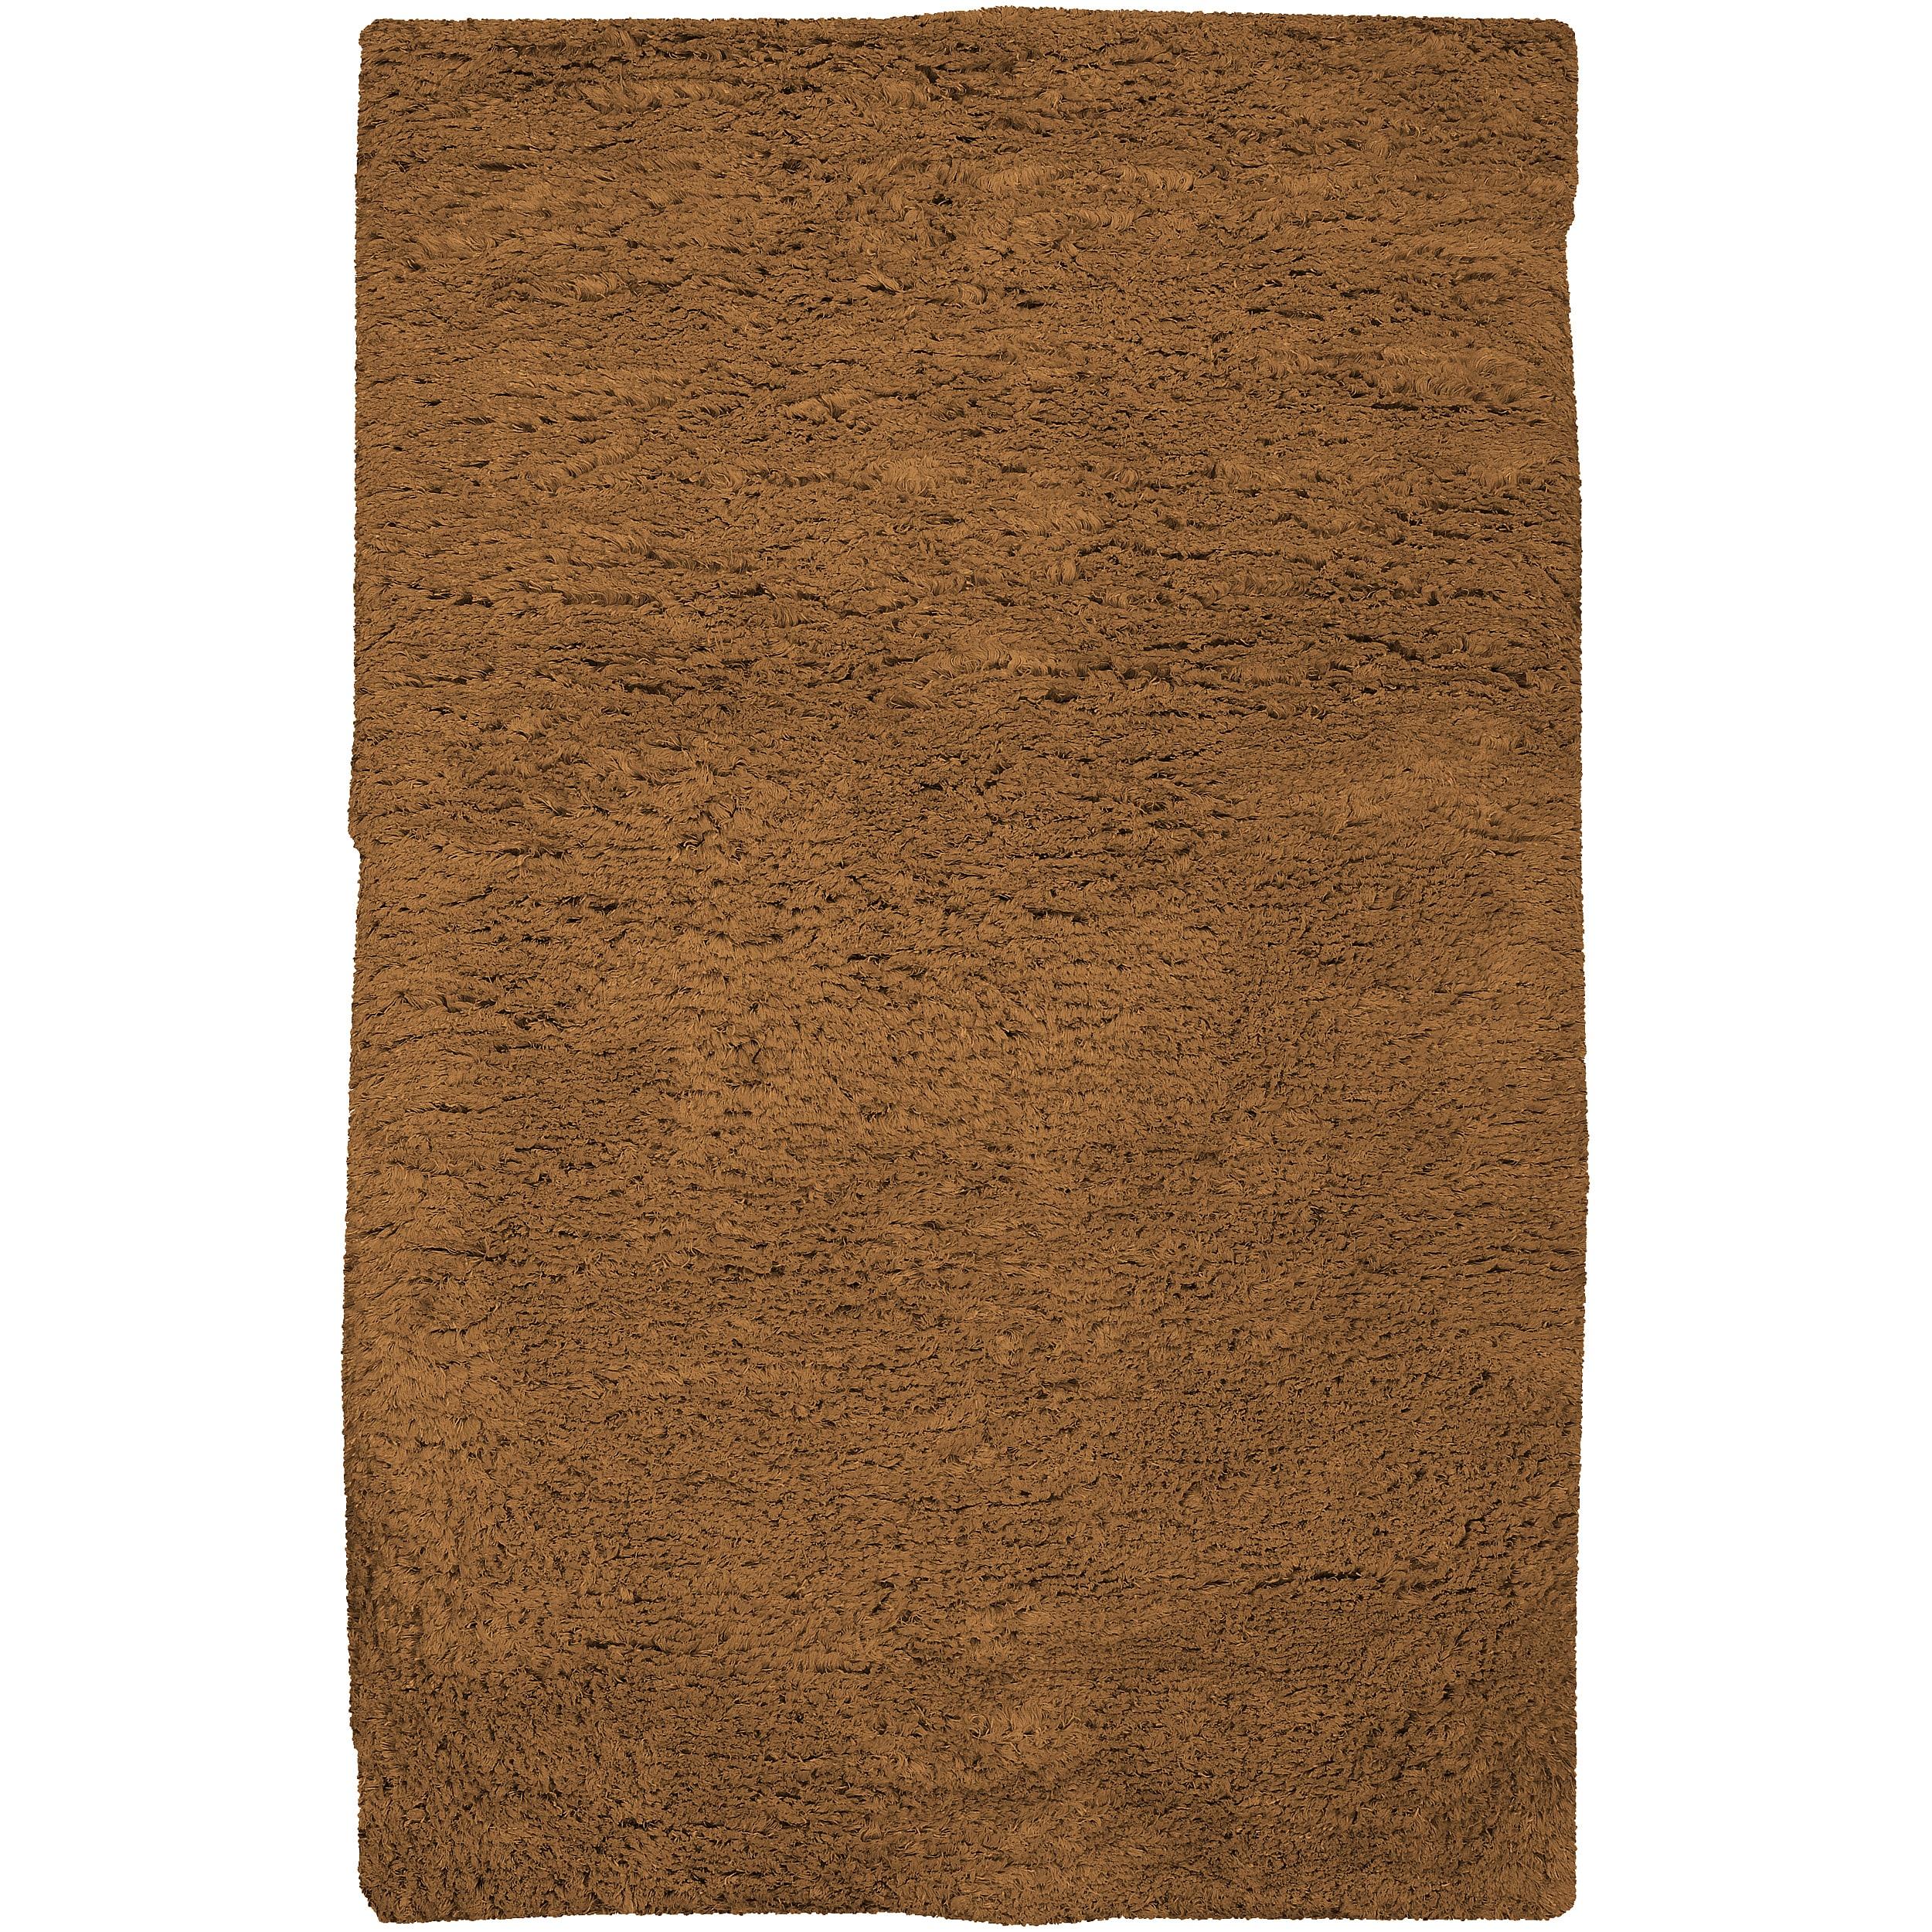 Hand-woven Brown Ashford Plush Shag Wool Rug (8' x 10'6 )